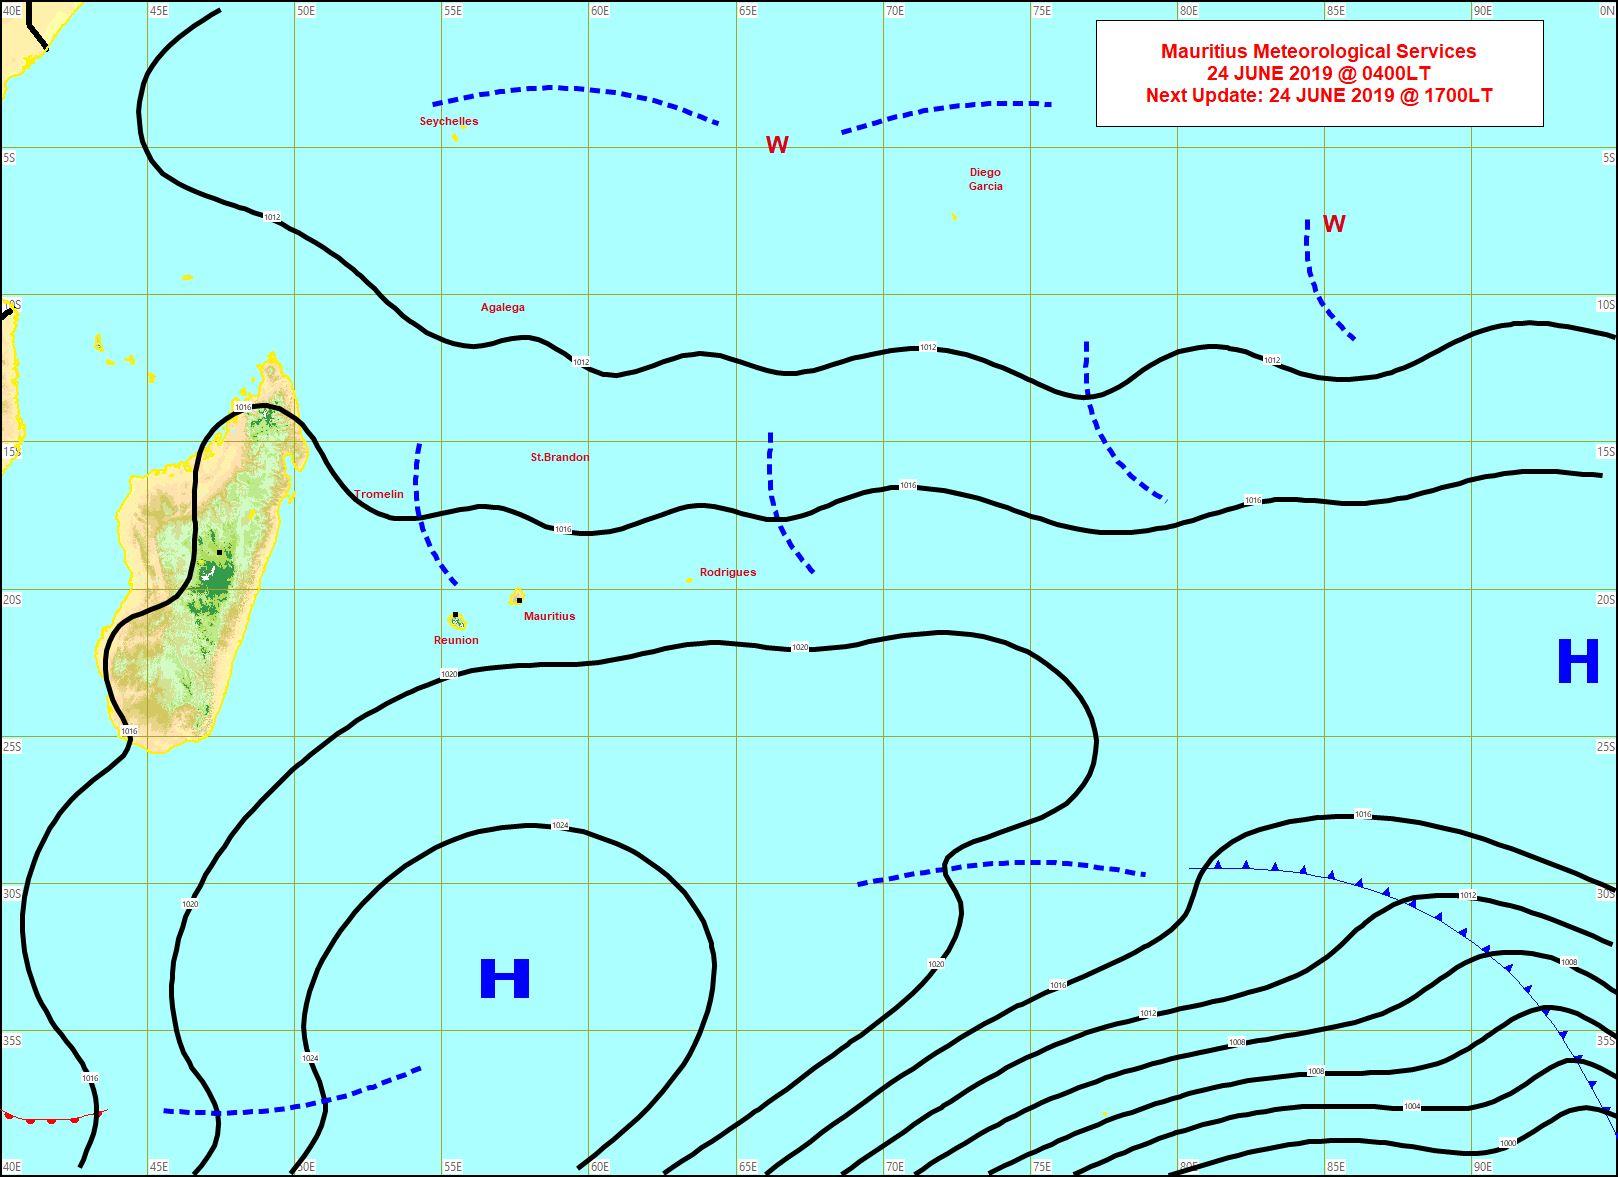 Affaibli l'anticyclone(H) maintient néanmoins un temps encore plutôt venteux sur la zone. On note davantage d'instabilité potentielle à proximité des Mascareignes(lignes en pointillé). MMS